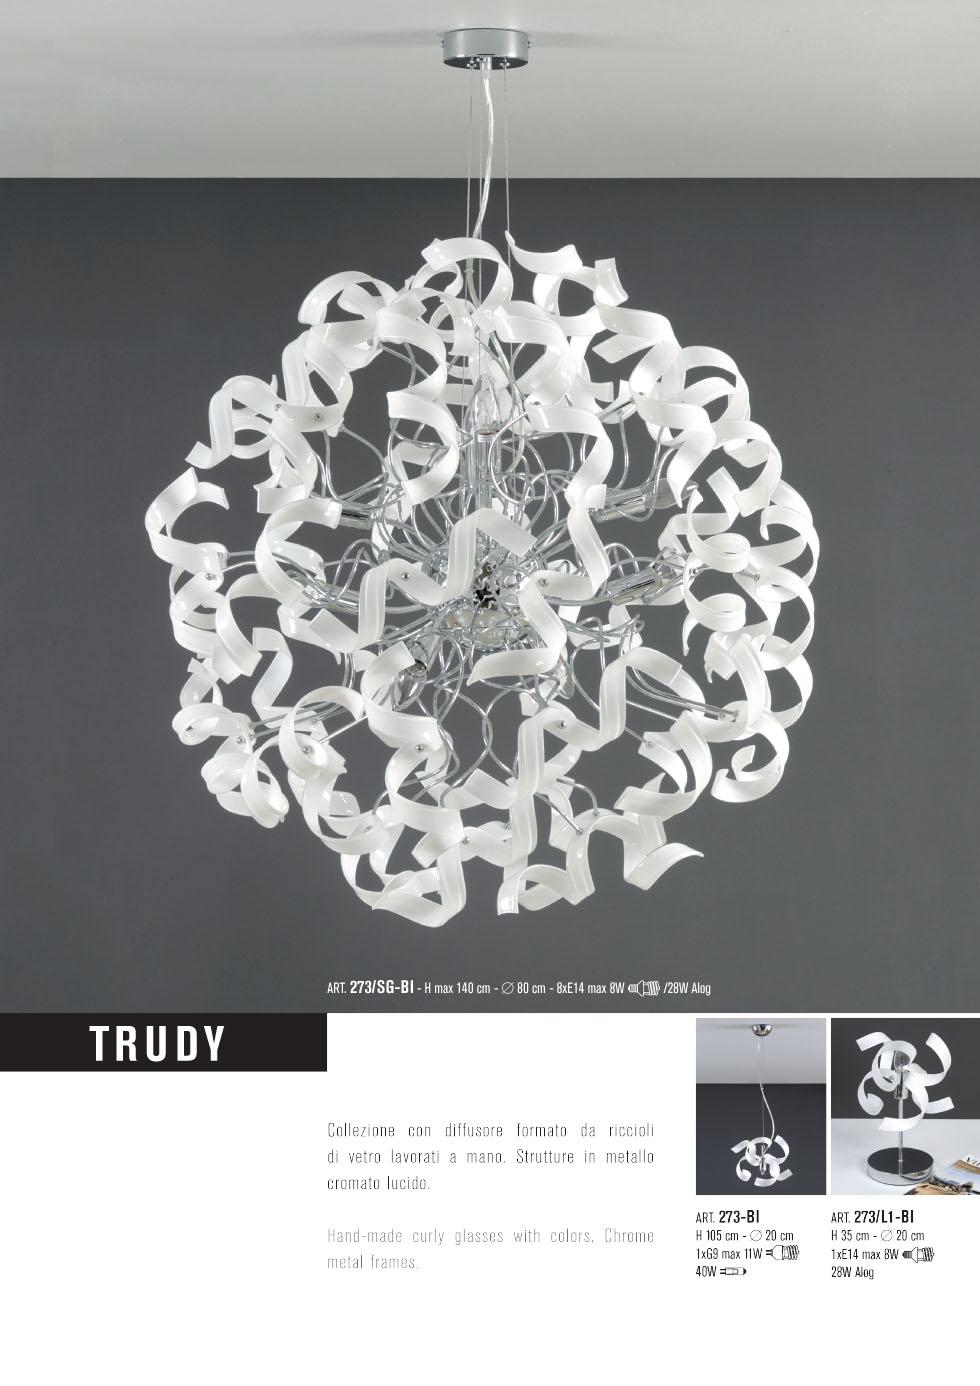 Notali lampadari vendita di lampadari applique e - Lampadari stanza da letto ...